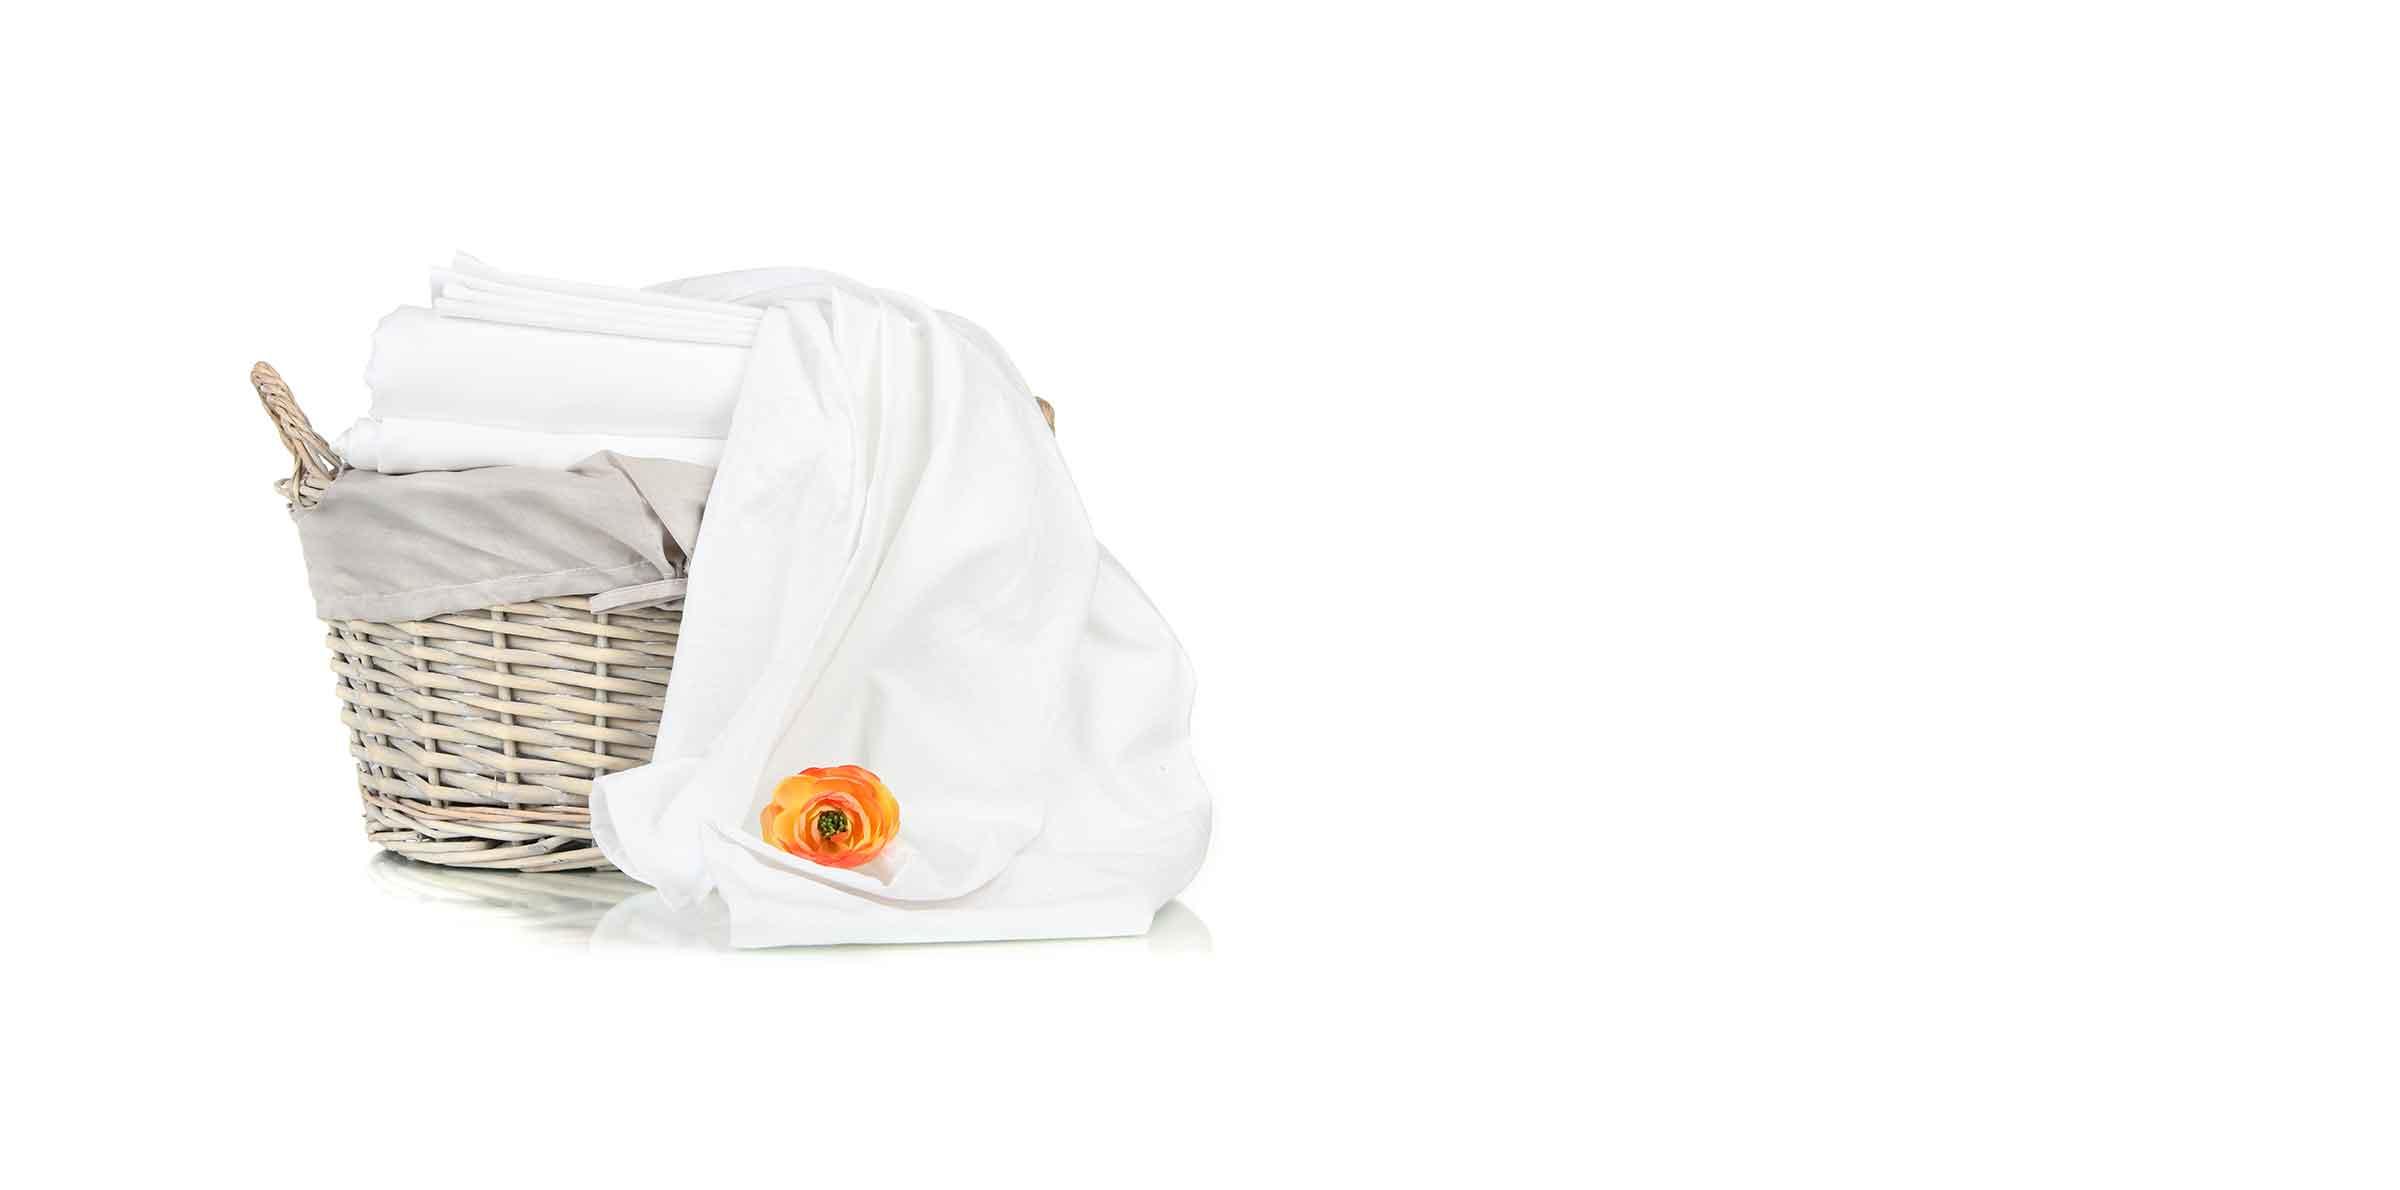 Allergie-Reise-und-Spannbettlaken-Pflegetipps